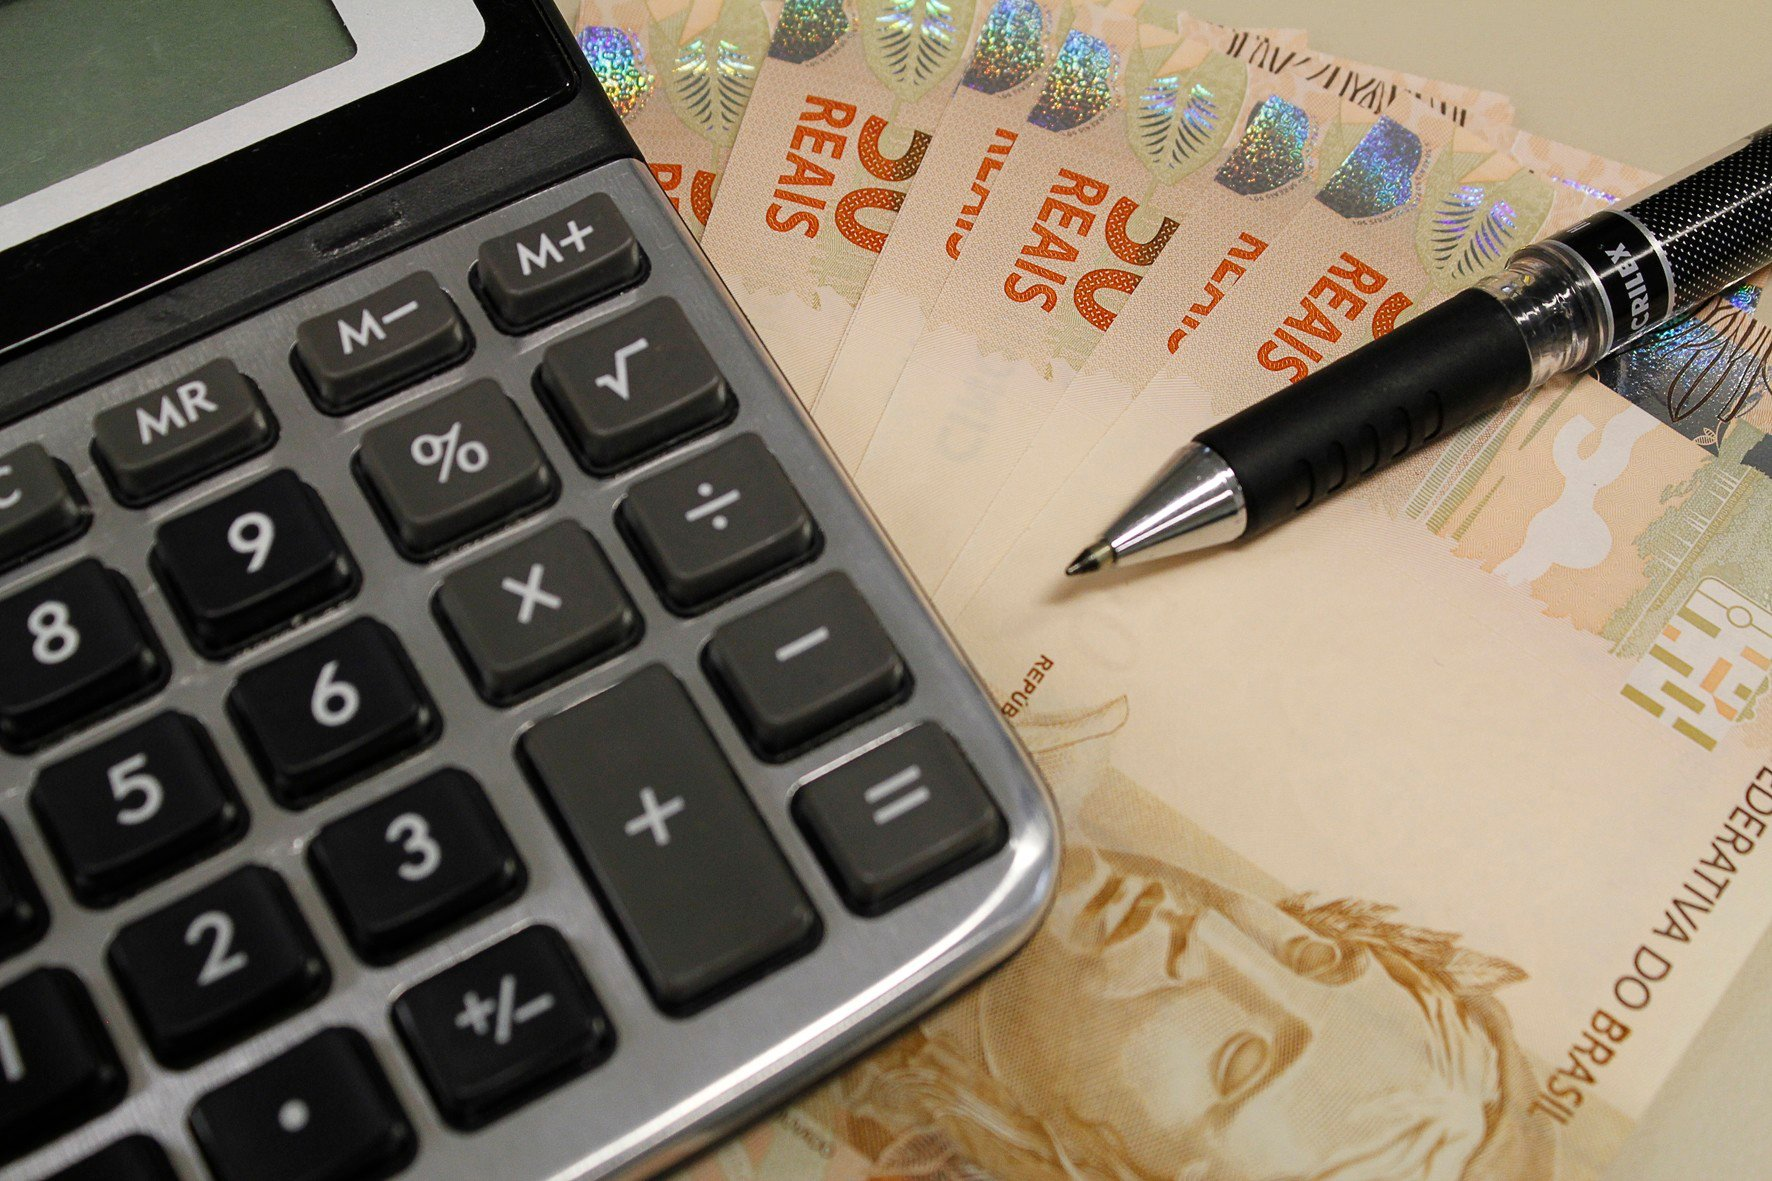 calculando custo, reforma tributária, pib, selic, estados